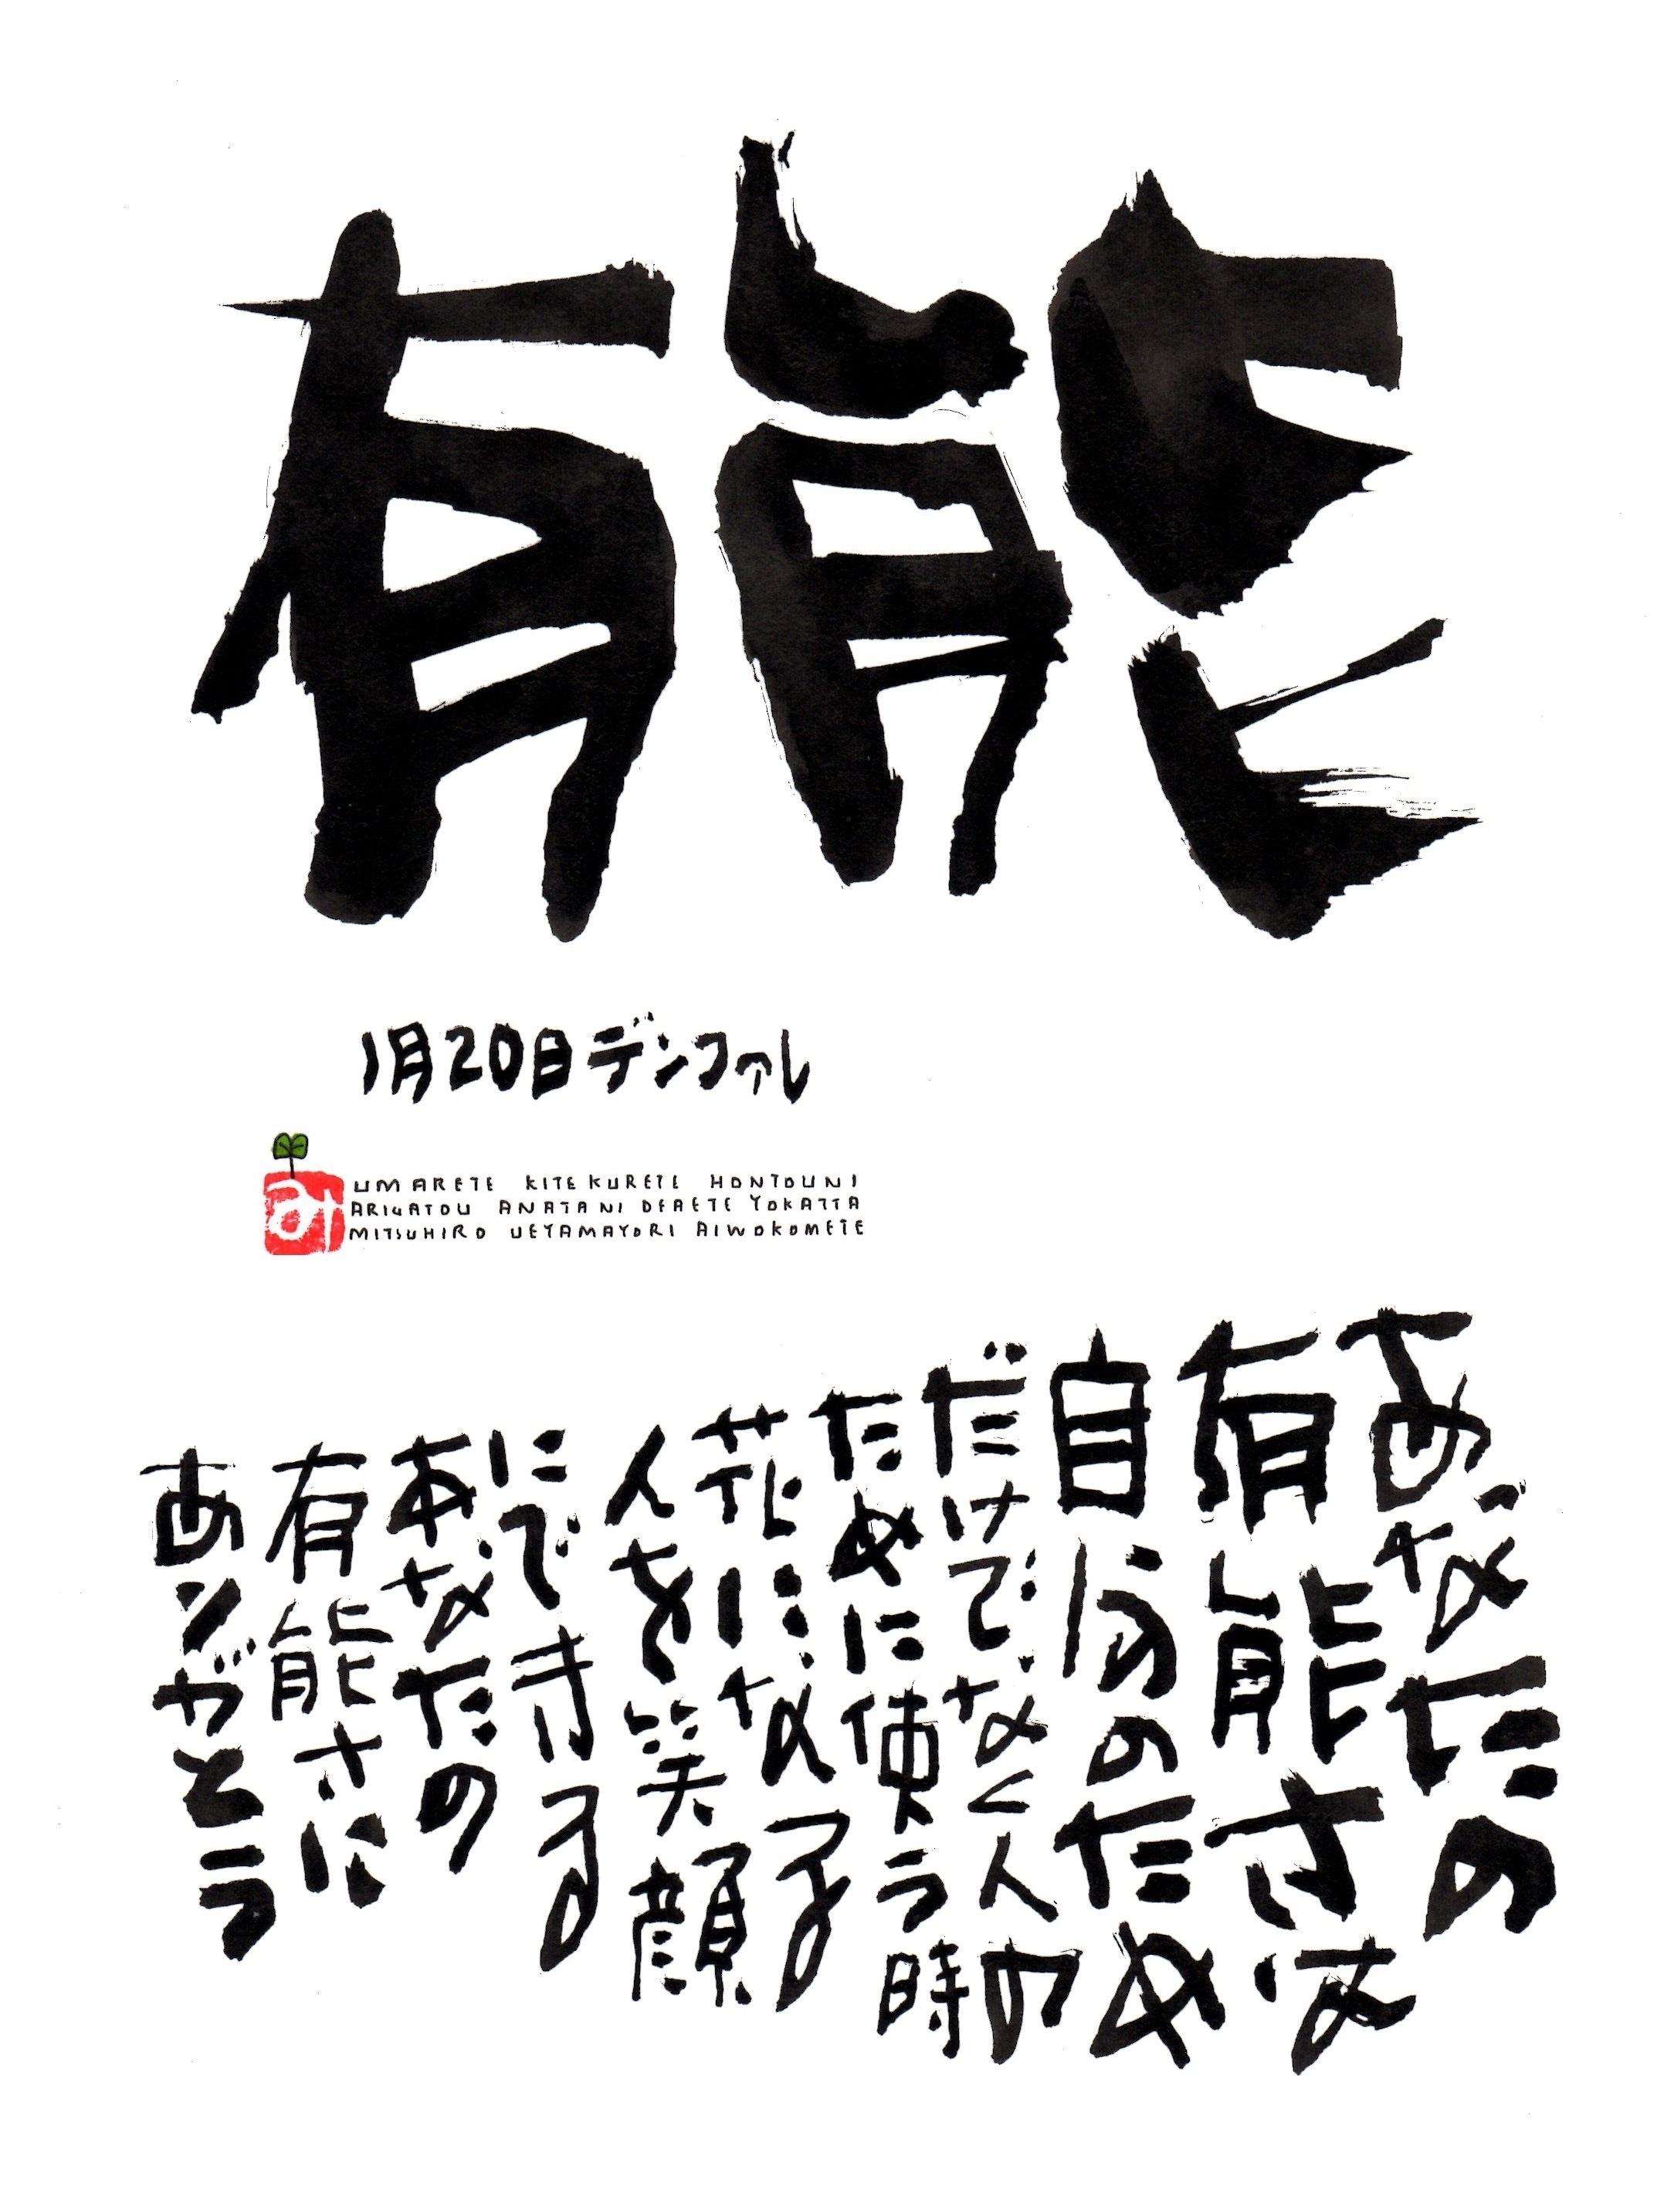 1月20日 誕生日ポストカード【有能】Competence